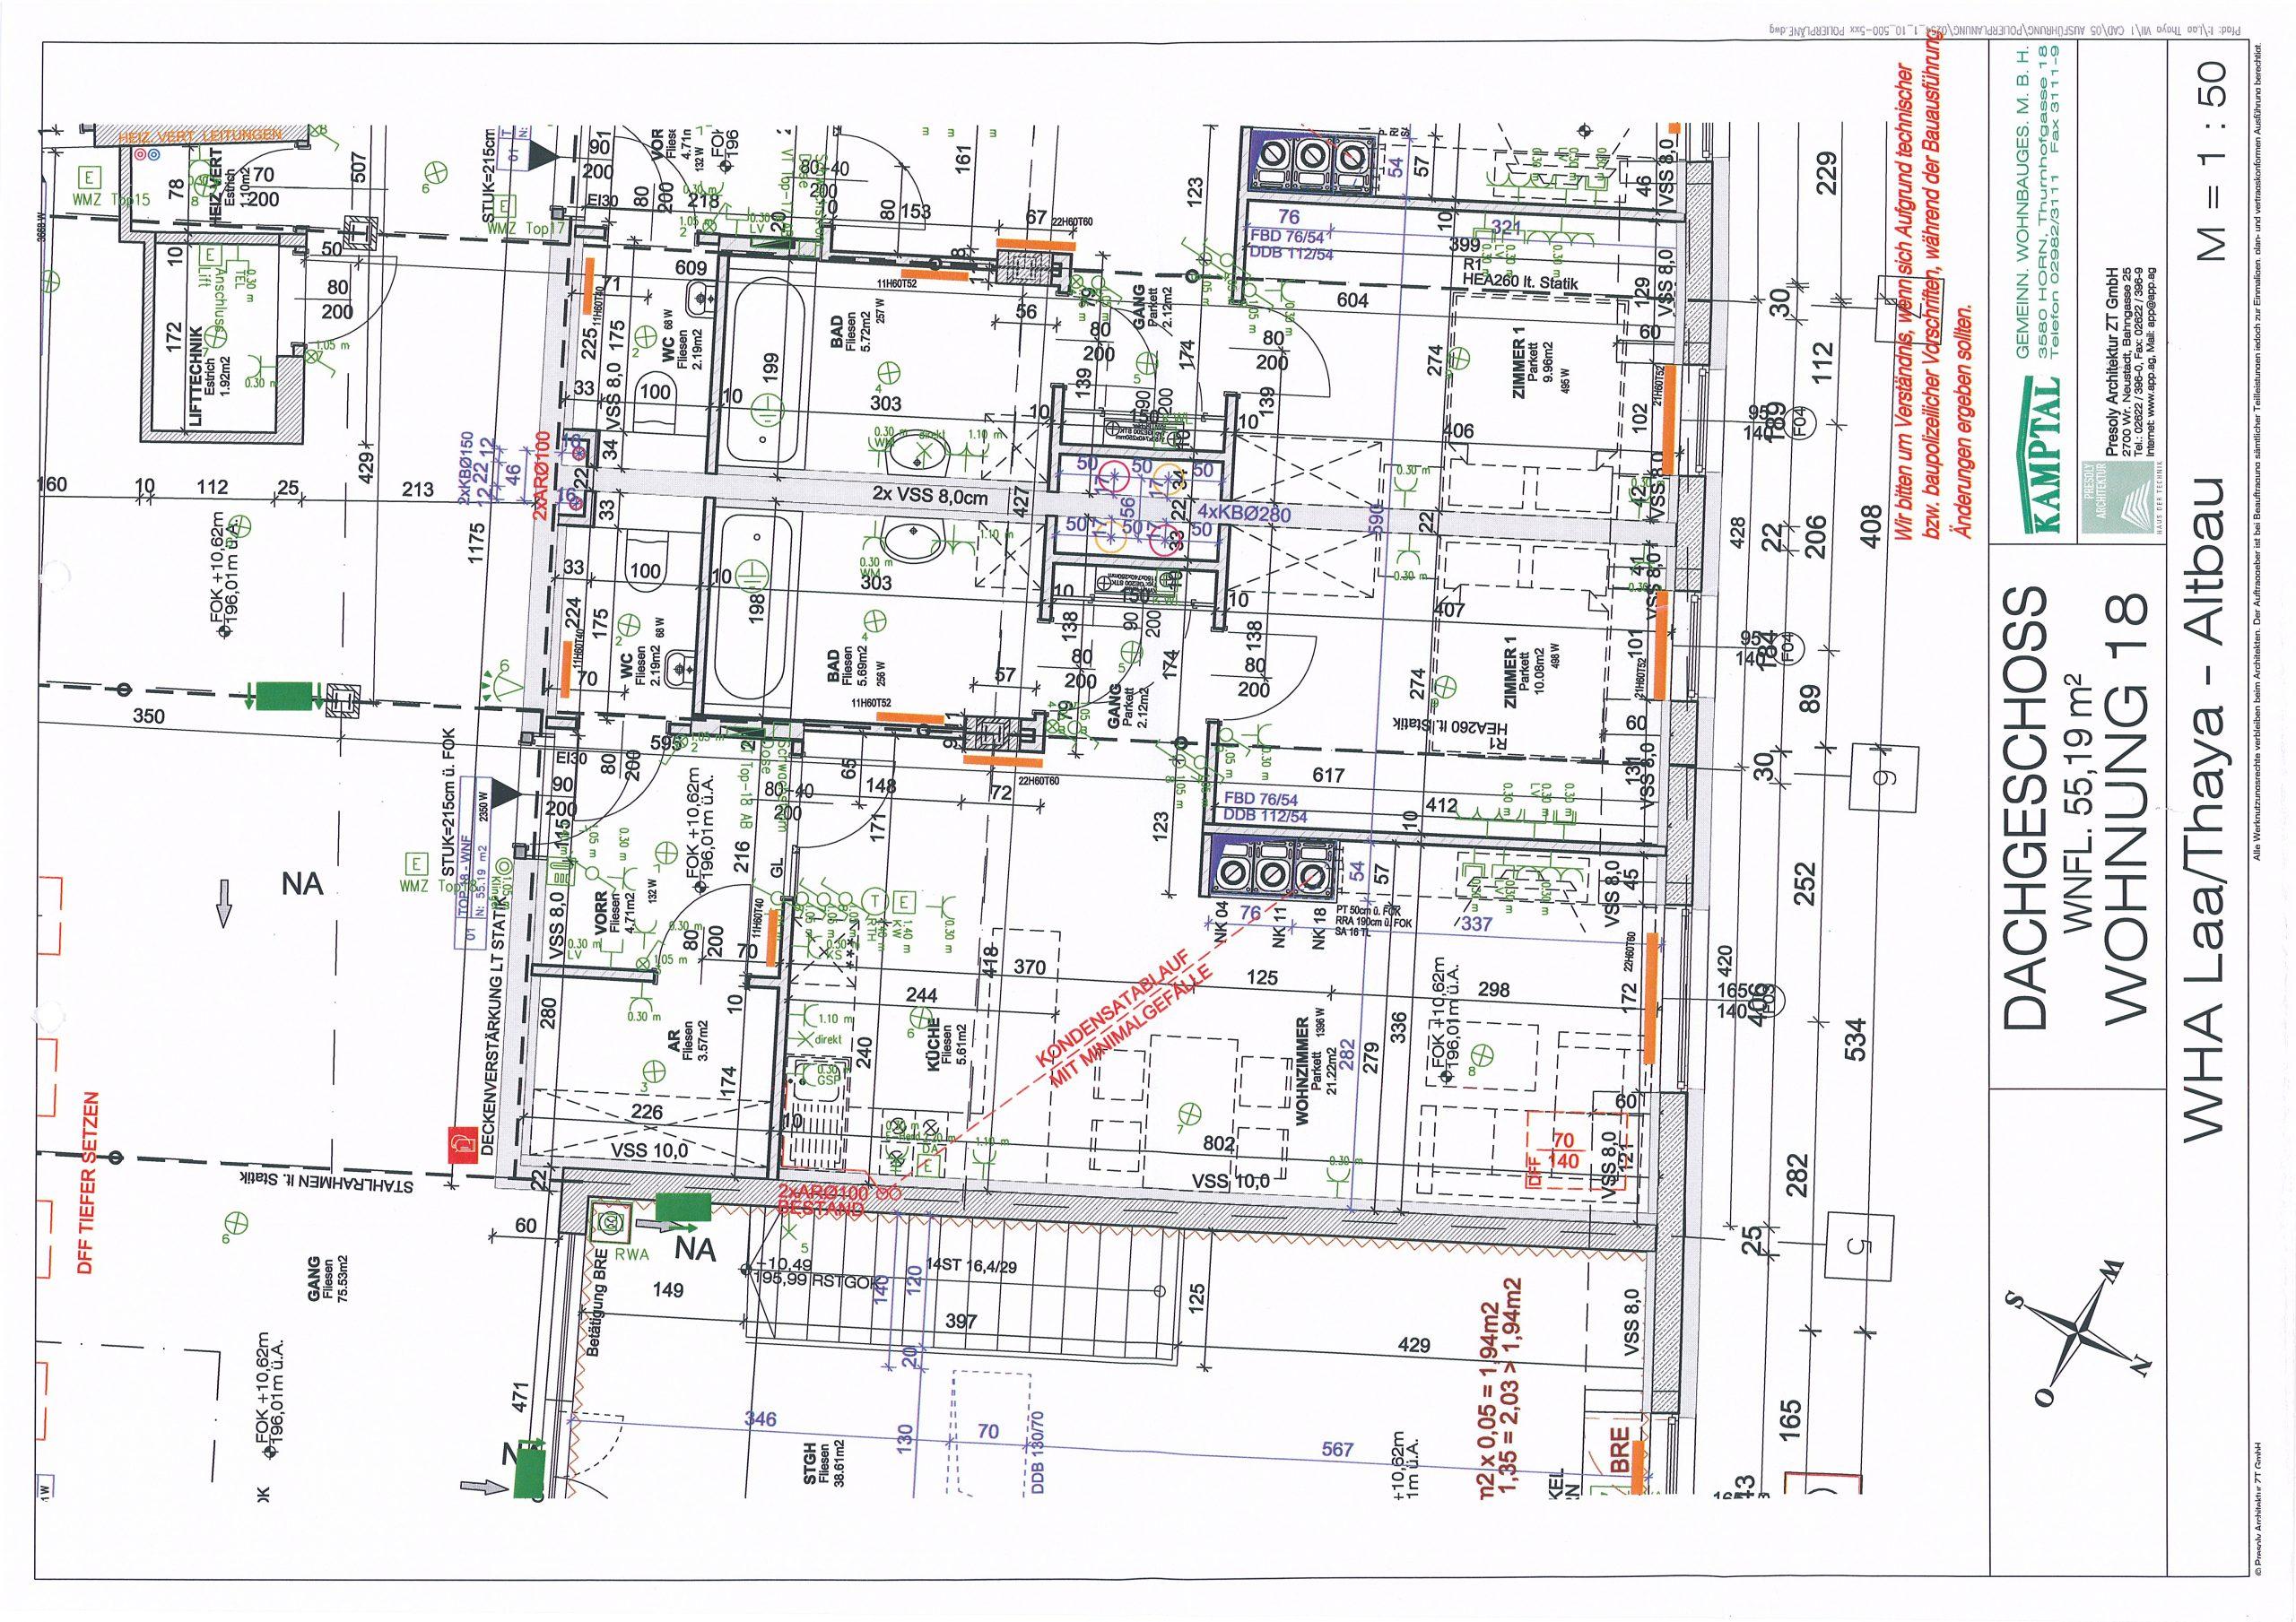 Immobilie von Kamptal in 2136 Laa an der Thaya, Mistelbach, Laa/ Thaya VII - Top 18 - Stadtplatz Nr. 61 #7